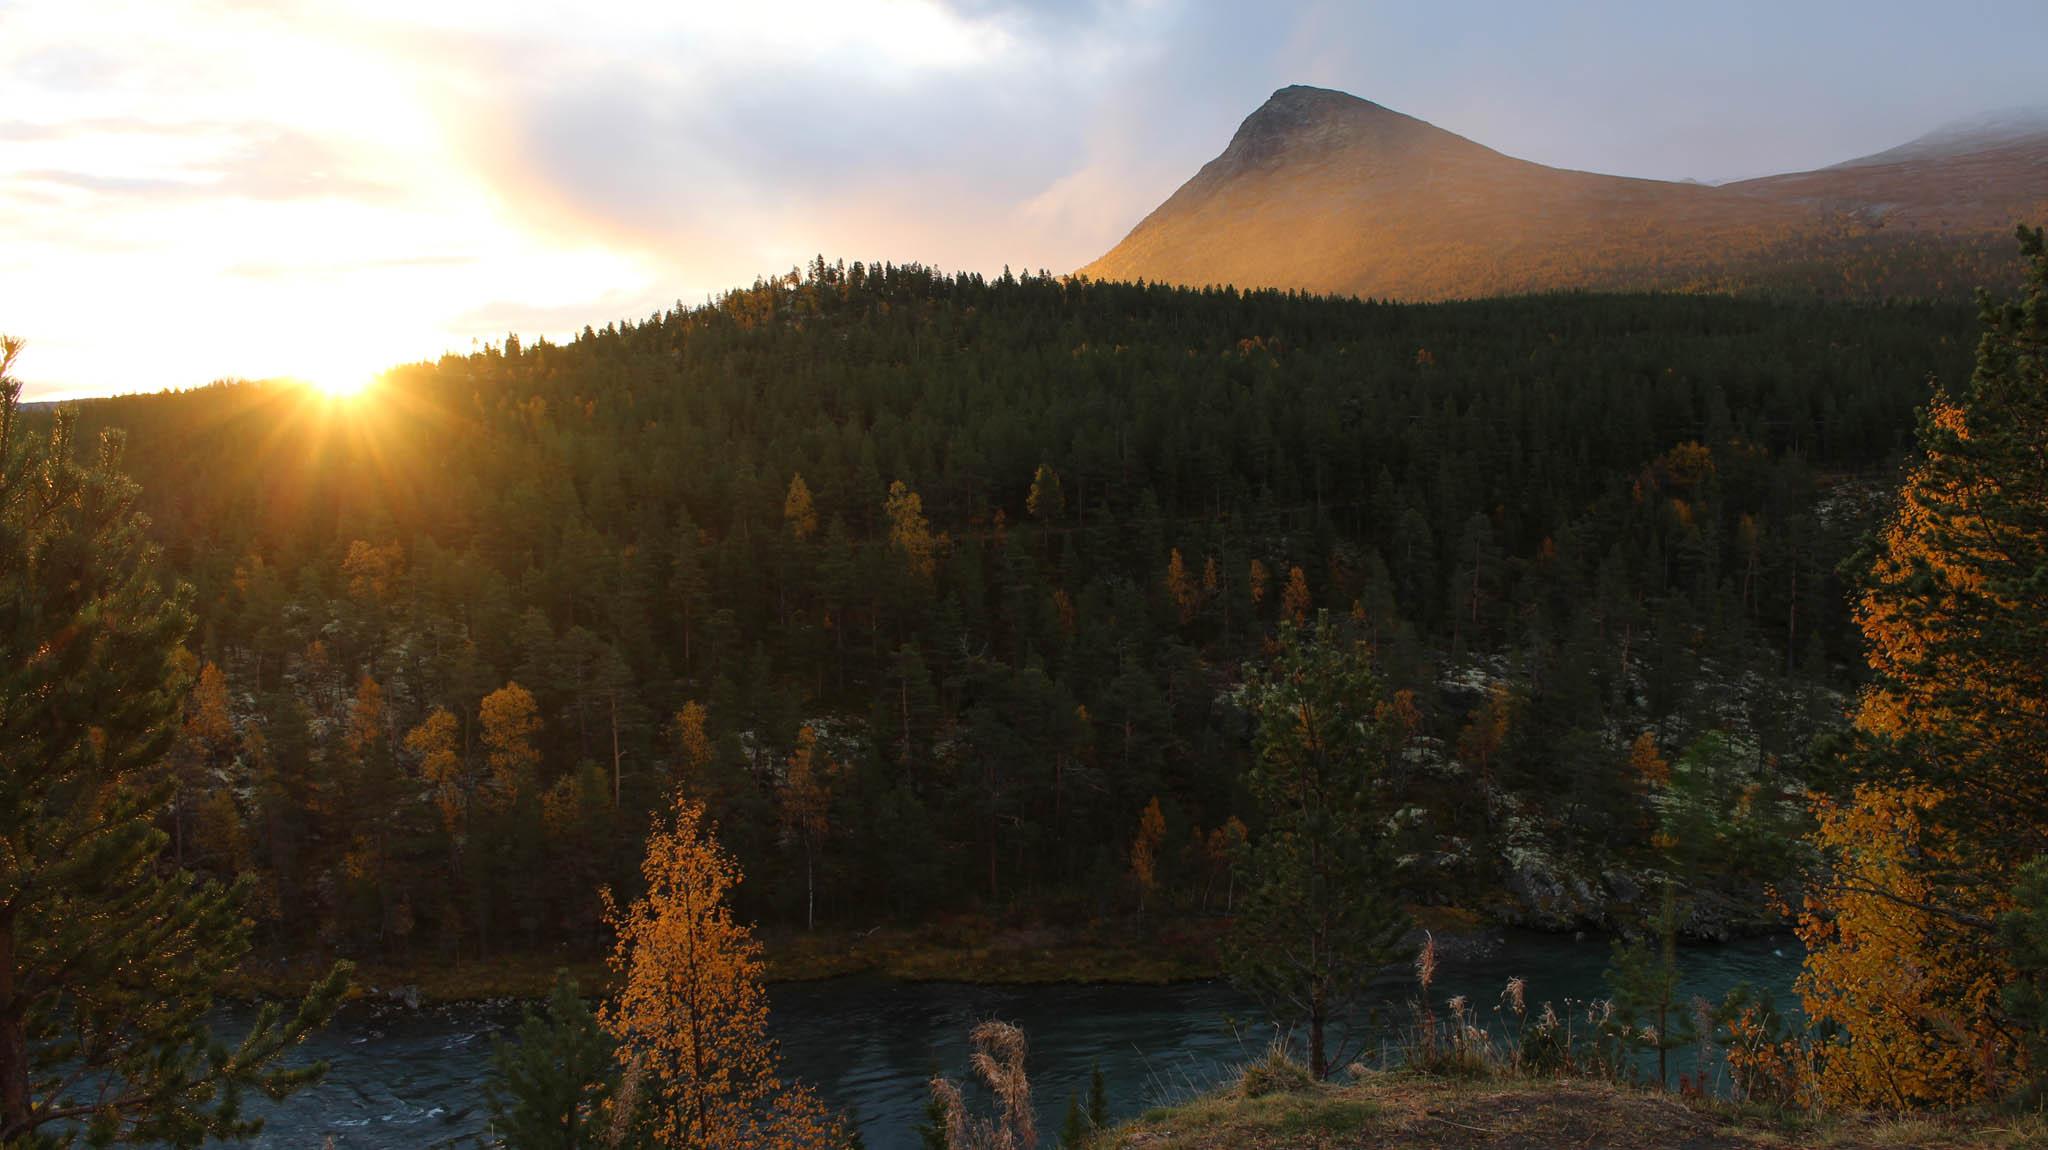 Das erste Ziel mit dem selbstgebauten Dachzelt: Norwegen